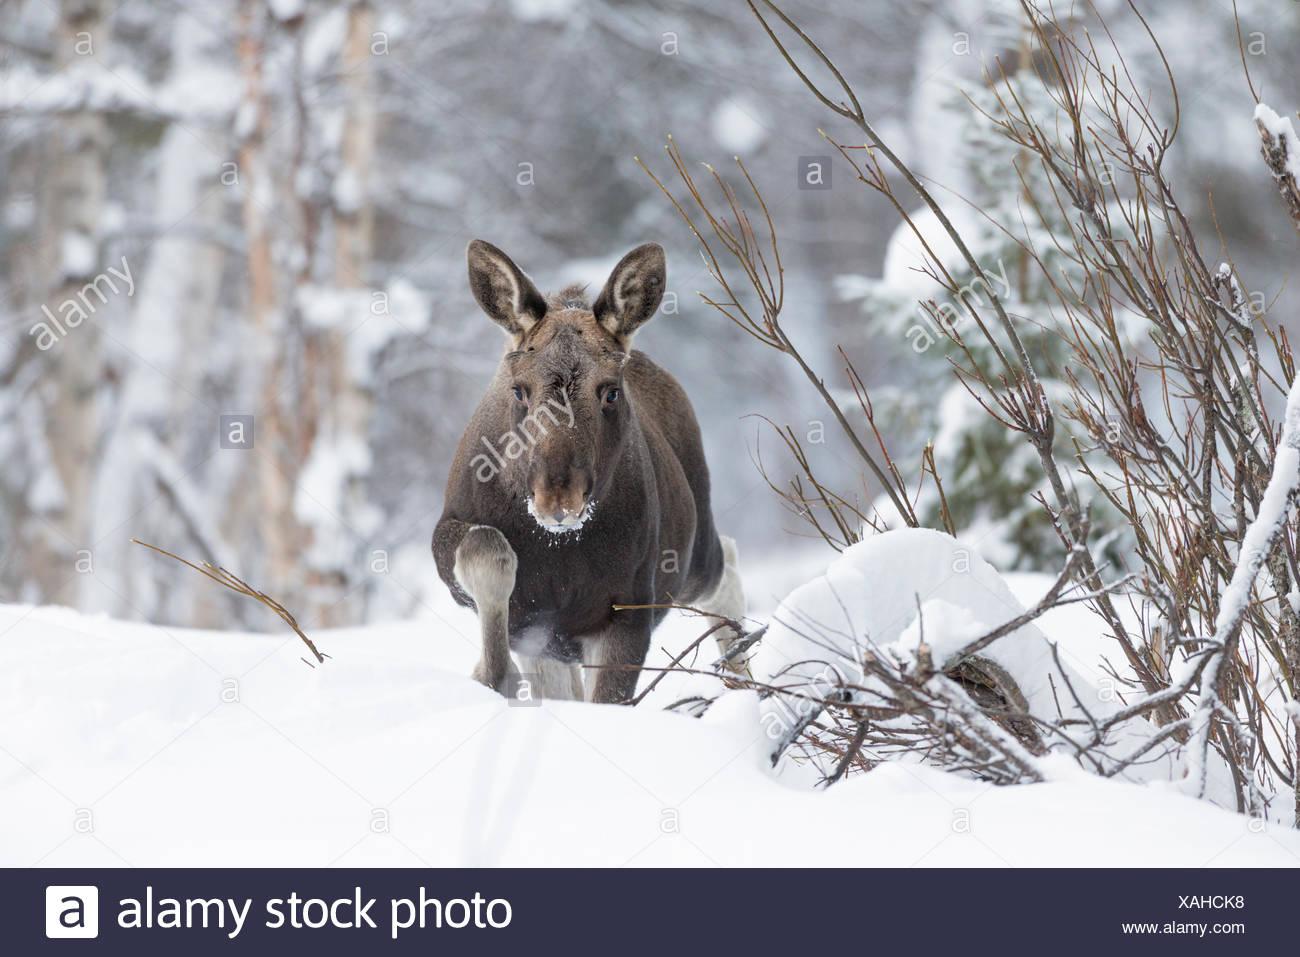 L'élan européen, Alces alces, marcher dans la neige. Photo Stock